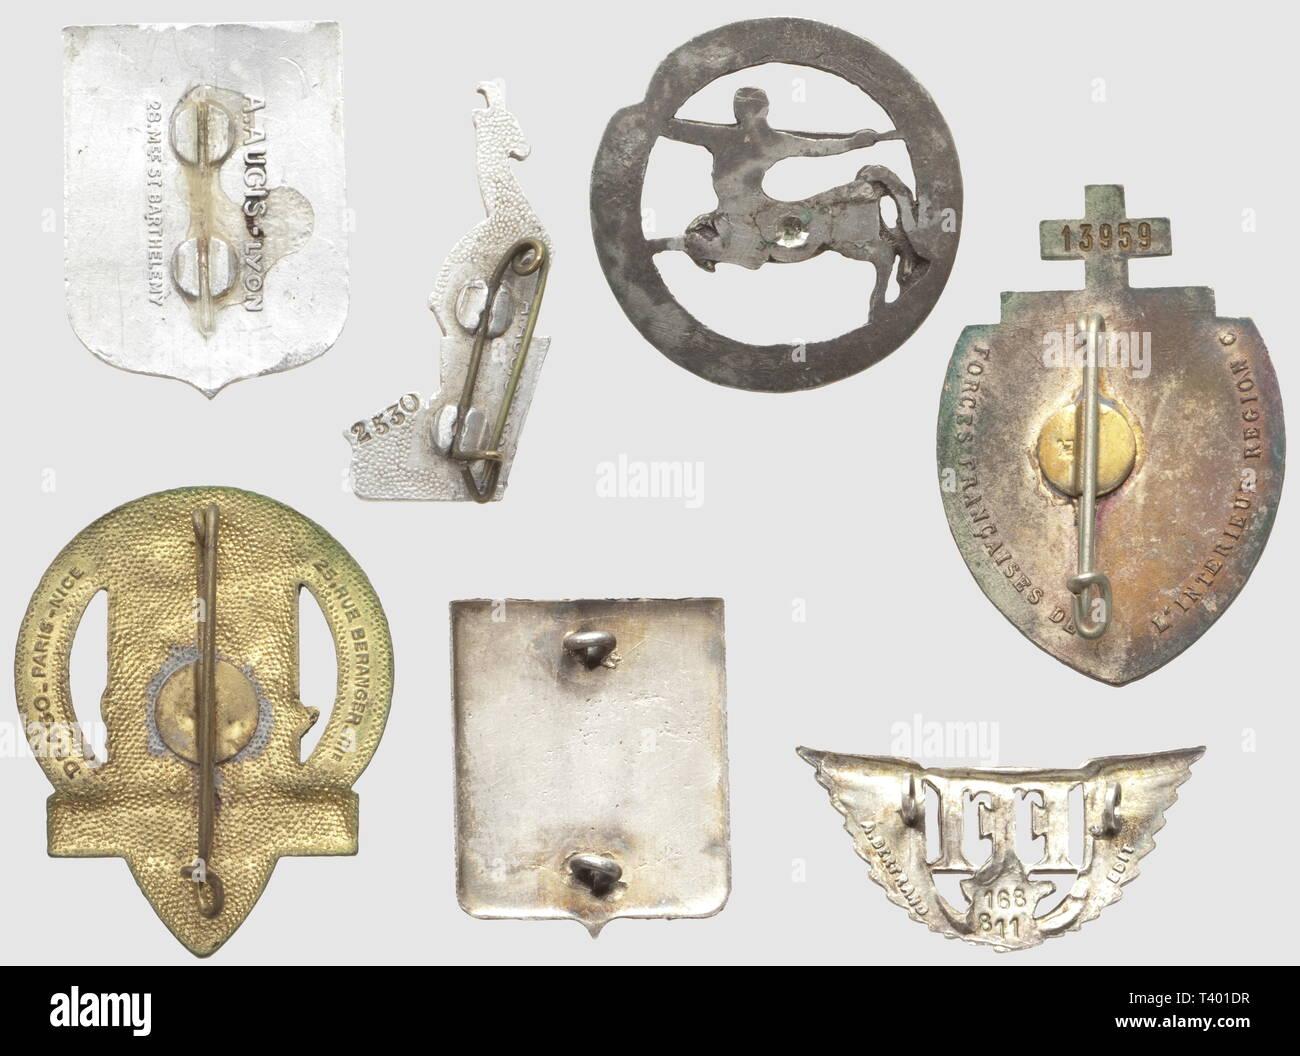 """RESISTANCE ET FORCES FRANCAISES LIBRES, Lot de sept insignes métalliques, comprenant l'insigne de la Brigade Carnot (modèle tout métal, SNF), l'insigne des FFi du Vercors (tout aluminium, matriculé 2530, A. A. Lyon), l'insigne de la Brigade des Maures (aluminium peint, A. A. Barth, attache manquante), l'insigne émaillé des FFI de la Région C (matriculé 13959, poincon AB sur boléro), l'insigne des FFI de Provence (modèle au centaure tout métal, SNF, attache manquante), l'insigne émaillé de la 1/2 Brigade """"La Marseillaise"""" (Dr. Bér.) et l'insigne g, Additional-Rights-Clearance-Info-Not-Available Stock Photo"""